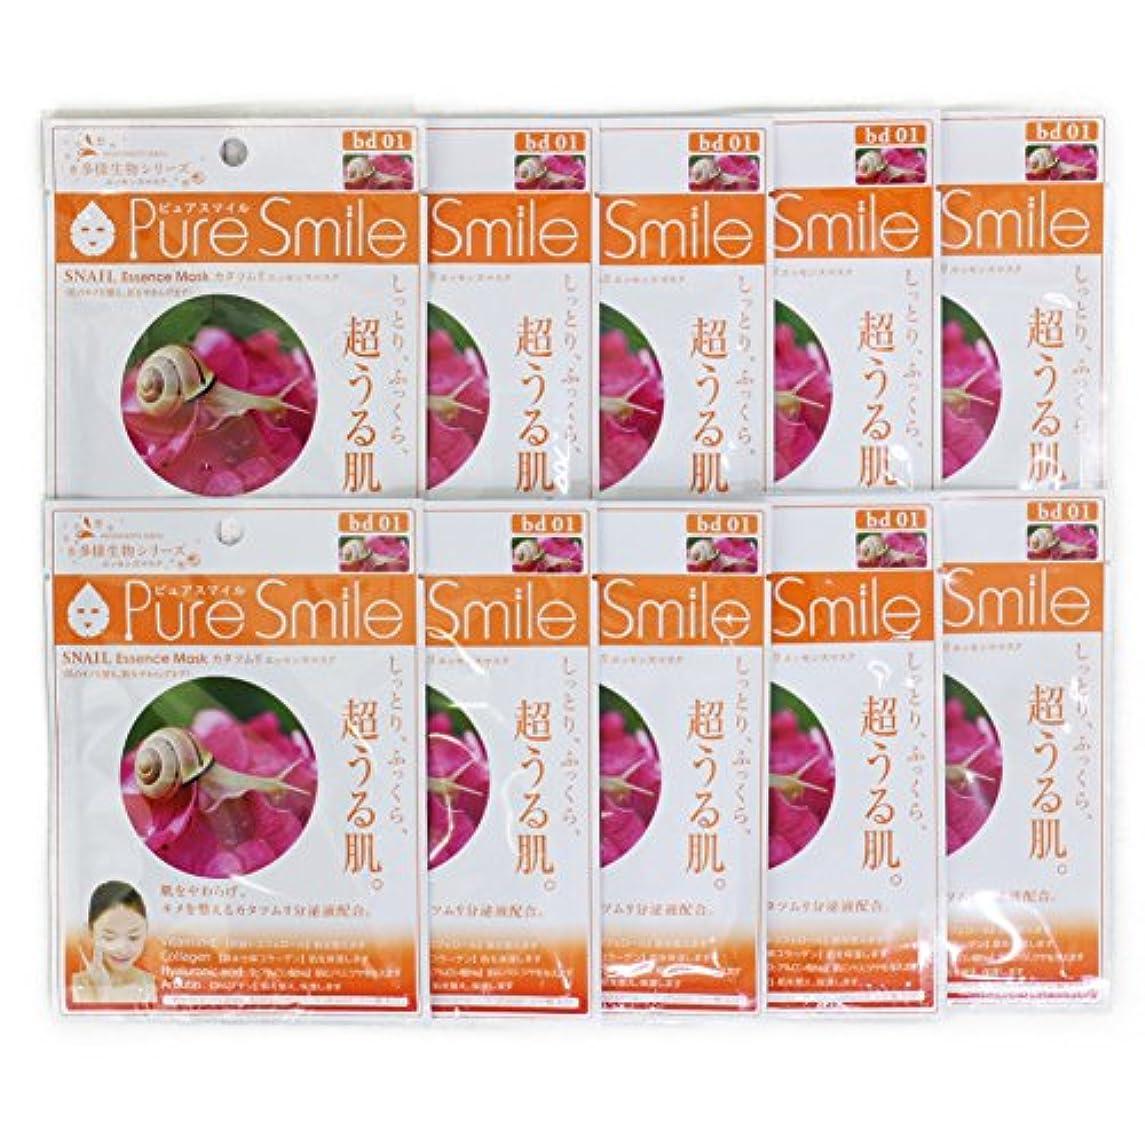 オープニングティーンエイジャー女優Pure Smile ピュアスマイル 多様生物エッセンスマスク カタツムリ 10枚セット